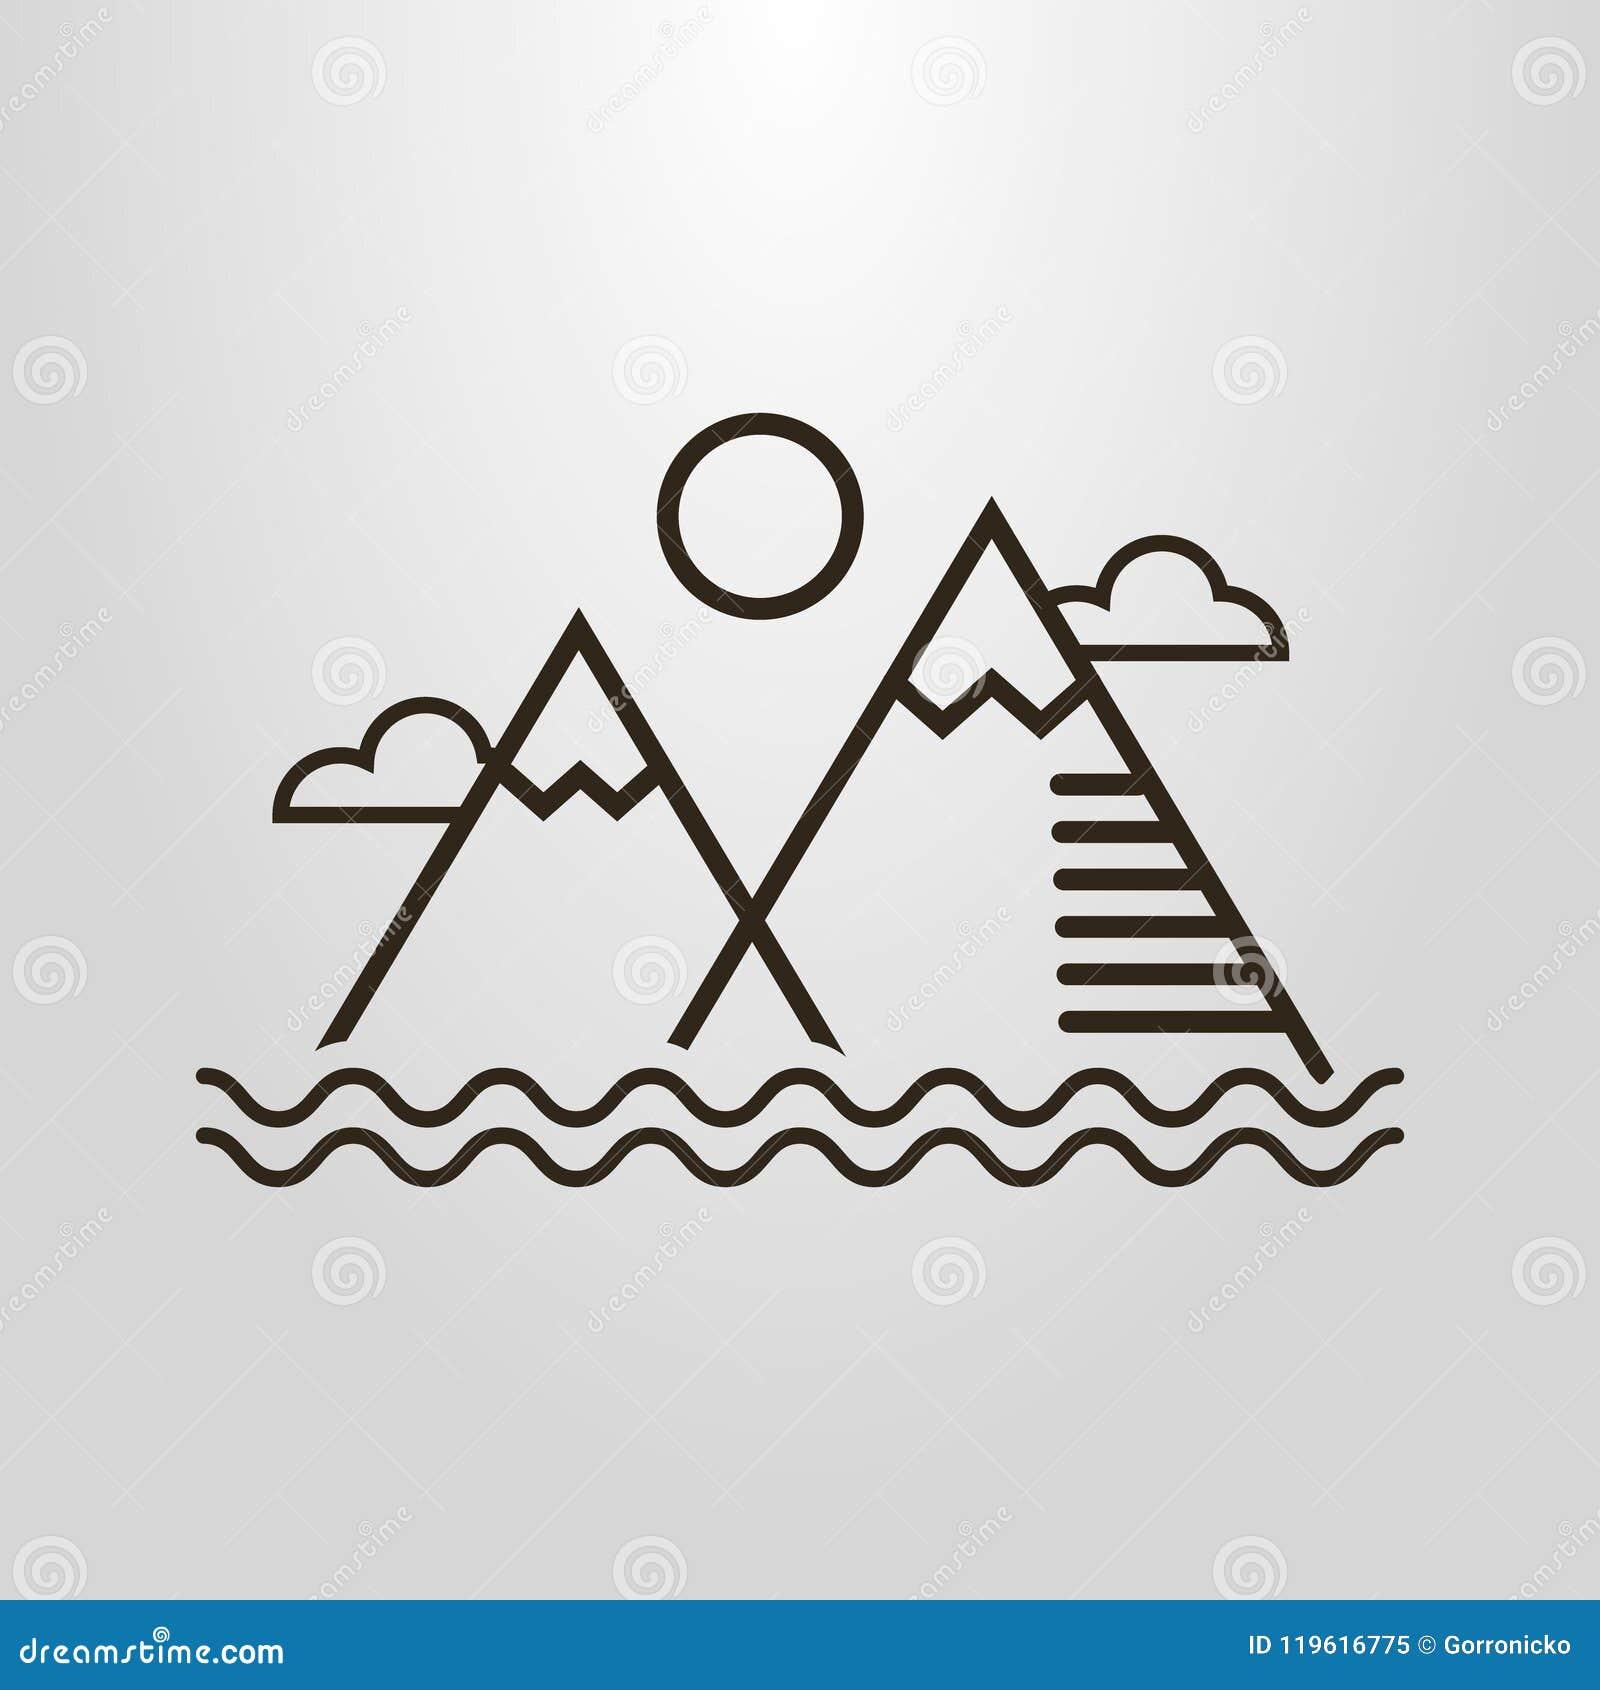 Prosty wektorowy kreskowej sztuki piktogram prosty krajobraz z górami, wodnymi fala, chmurami i słońcem,